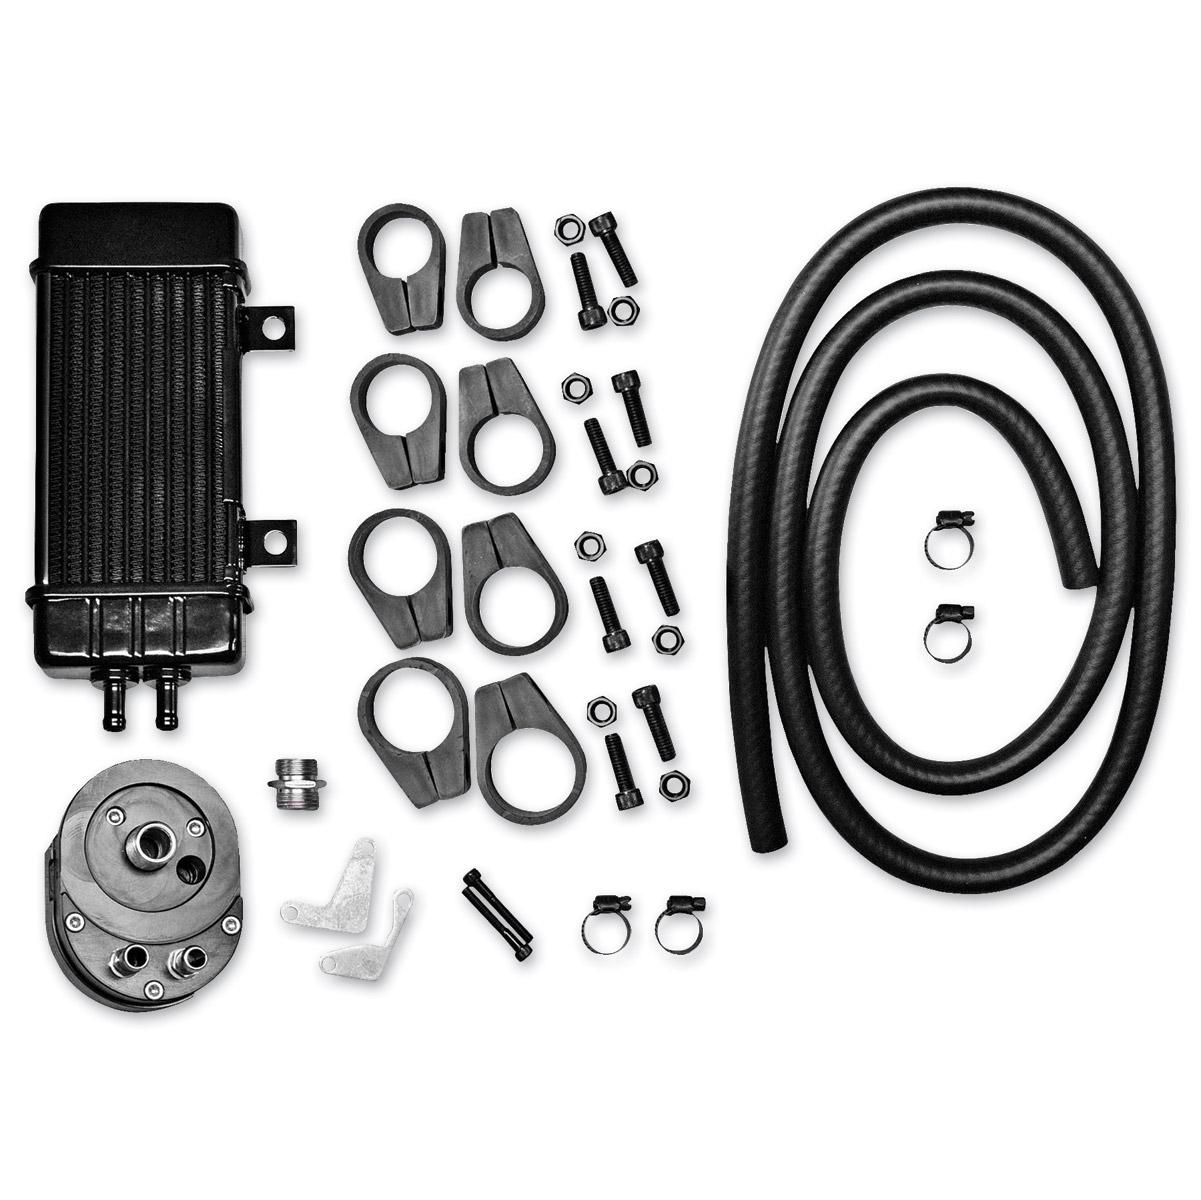 Jagg Vertical Frame-Mount Oil Cooler Kit